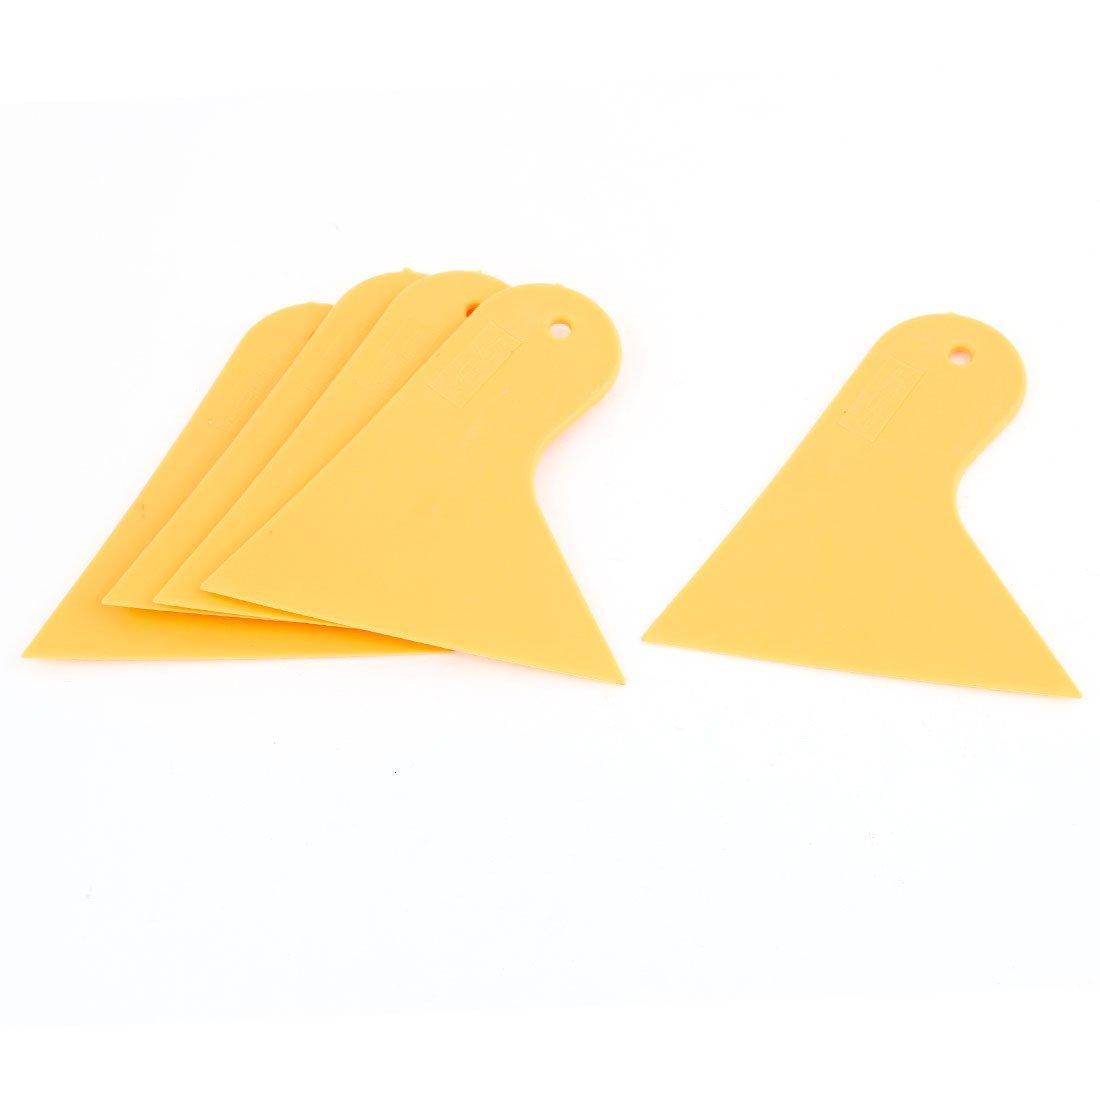 4 Pcs Cars Yellow Plastic Blade Window Windshield Film Scraper